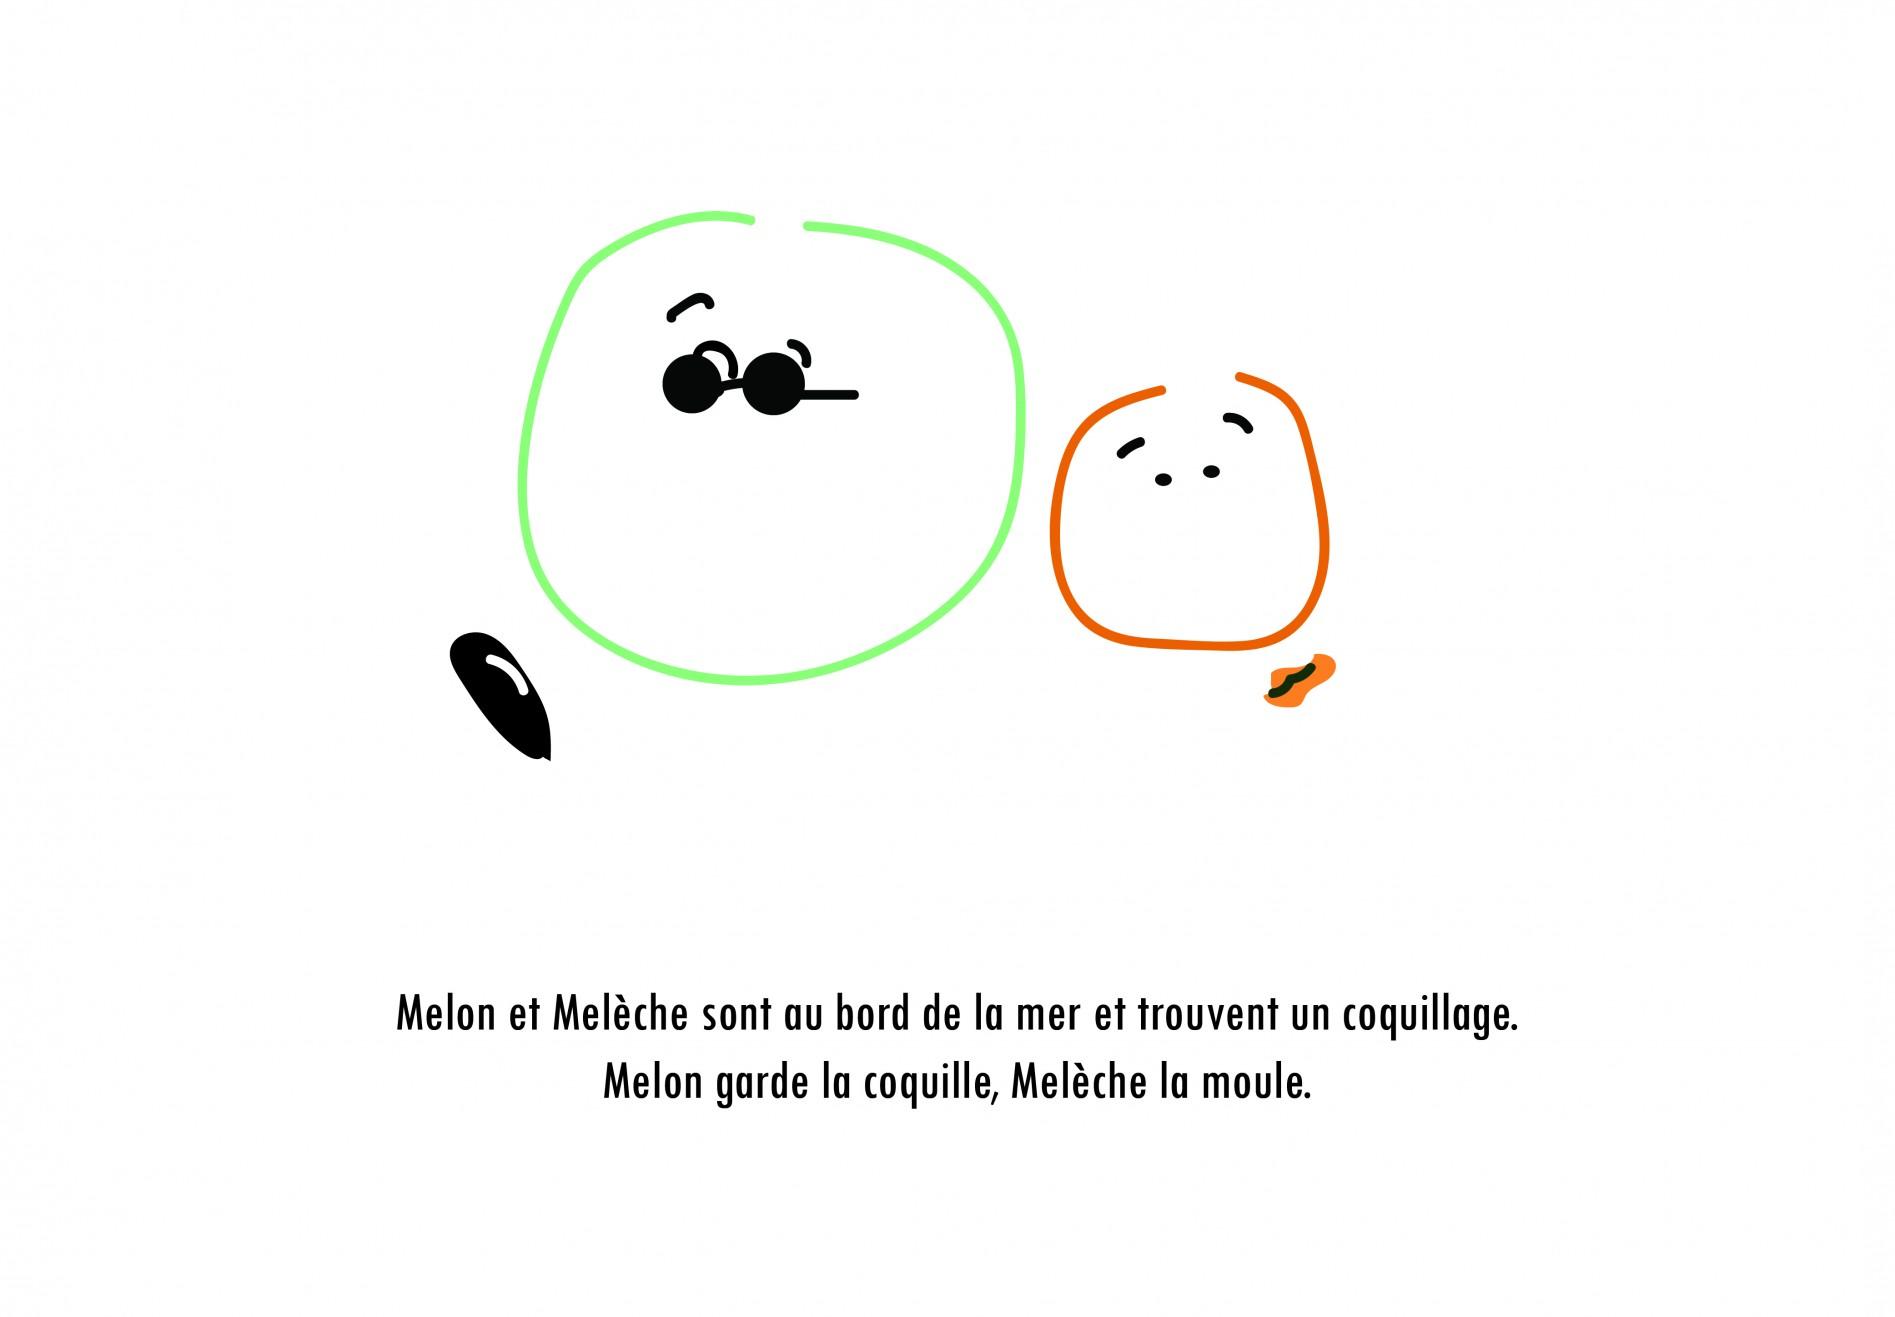 melonmeleche_mer-01